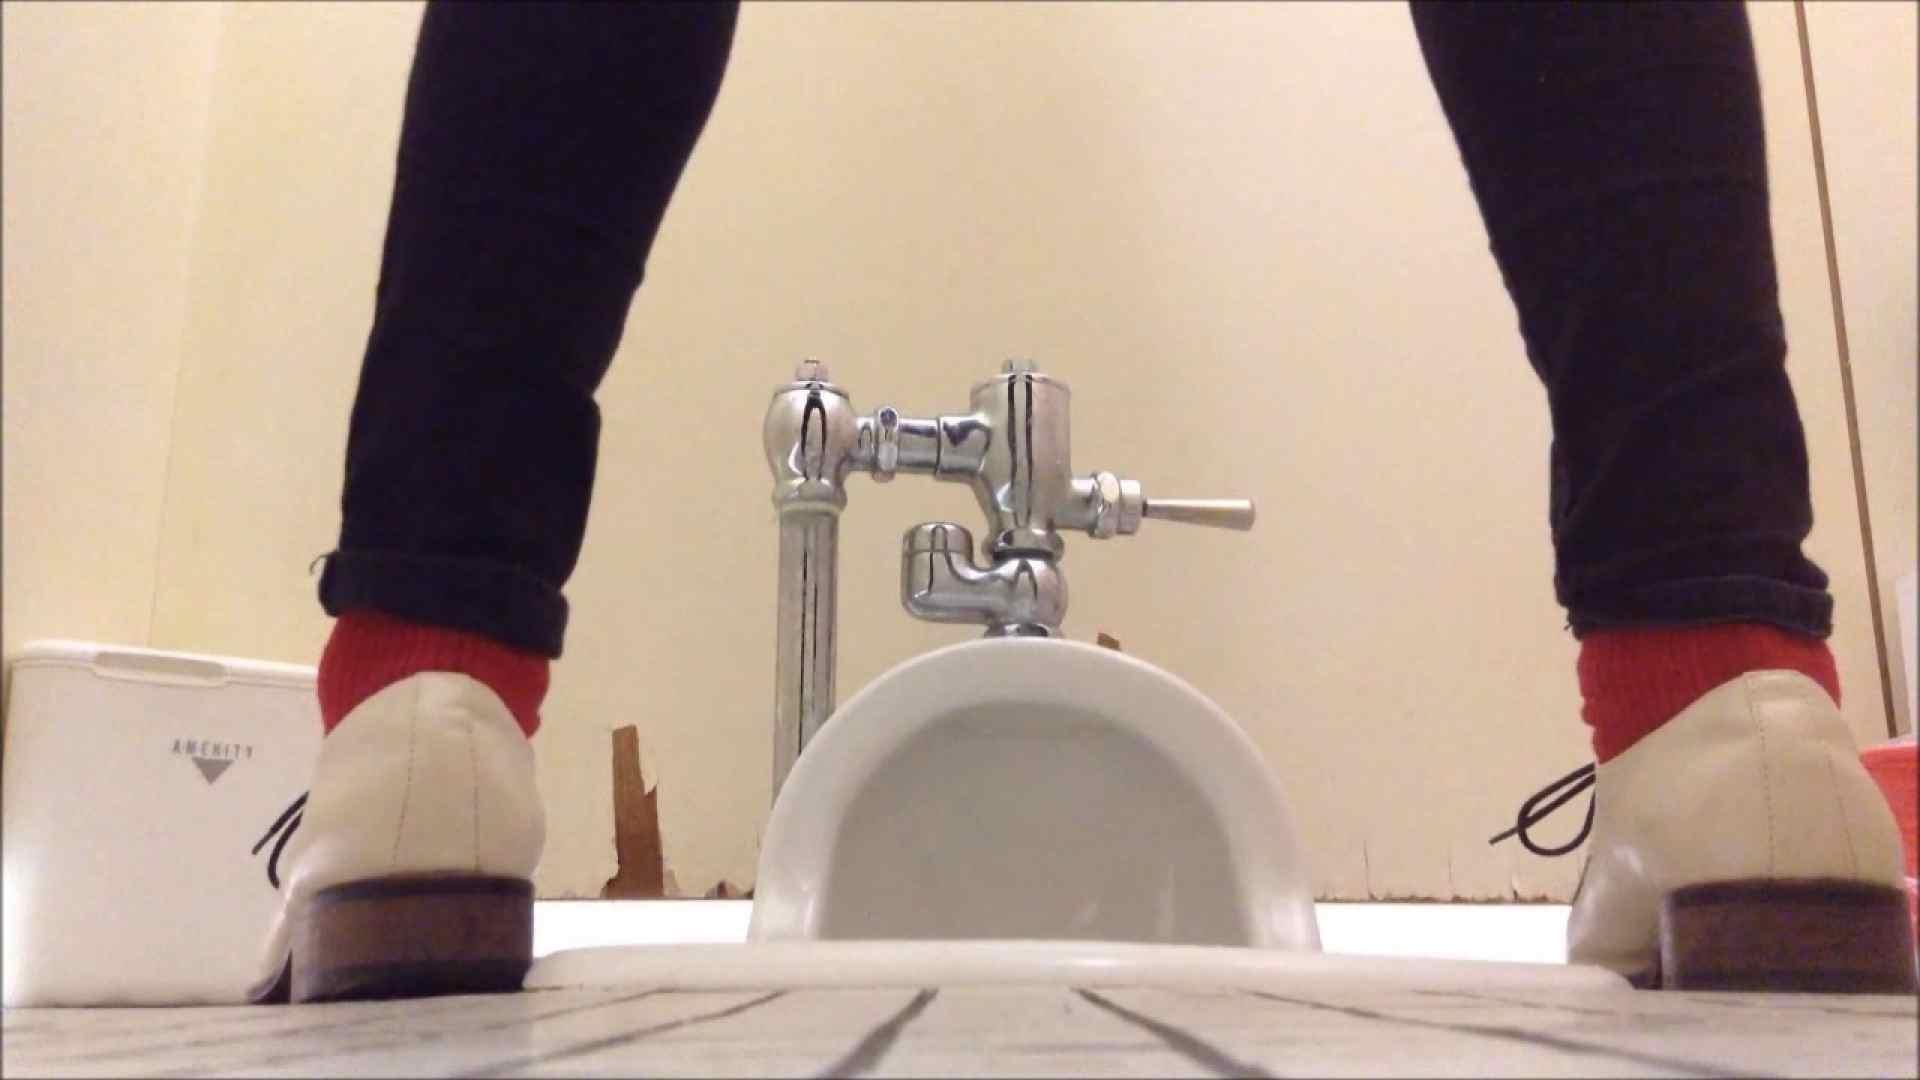 某有名大学女性洗面所 vol.04 OLのボディ ぱこり動画紹介 97PIX 56